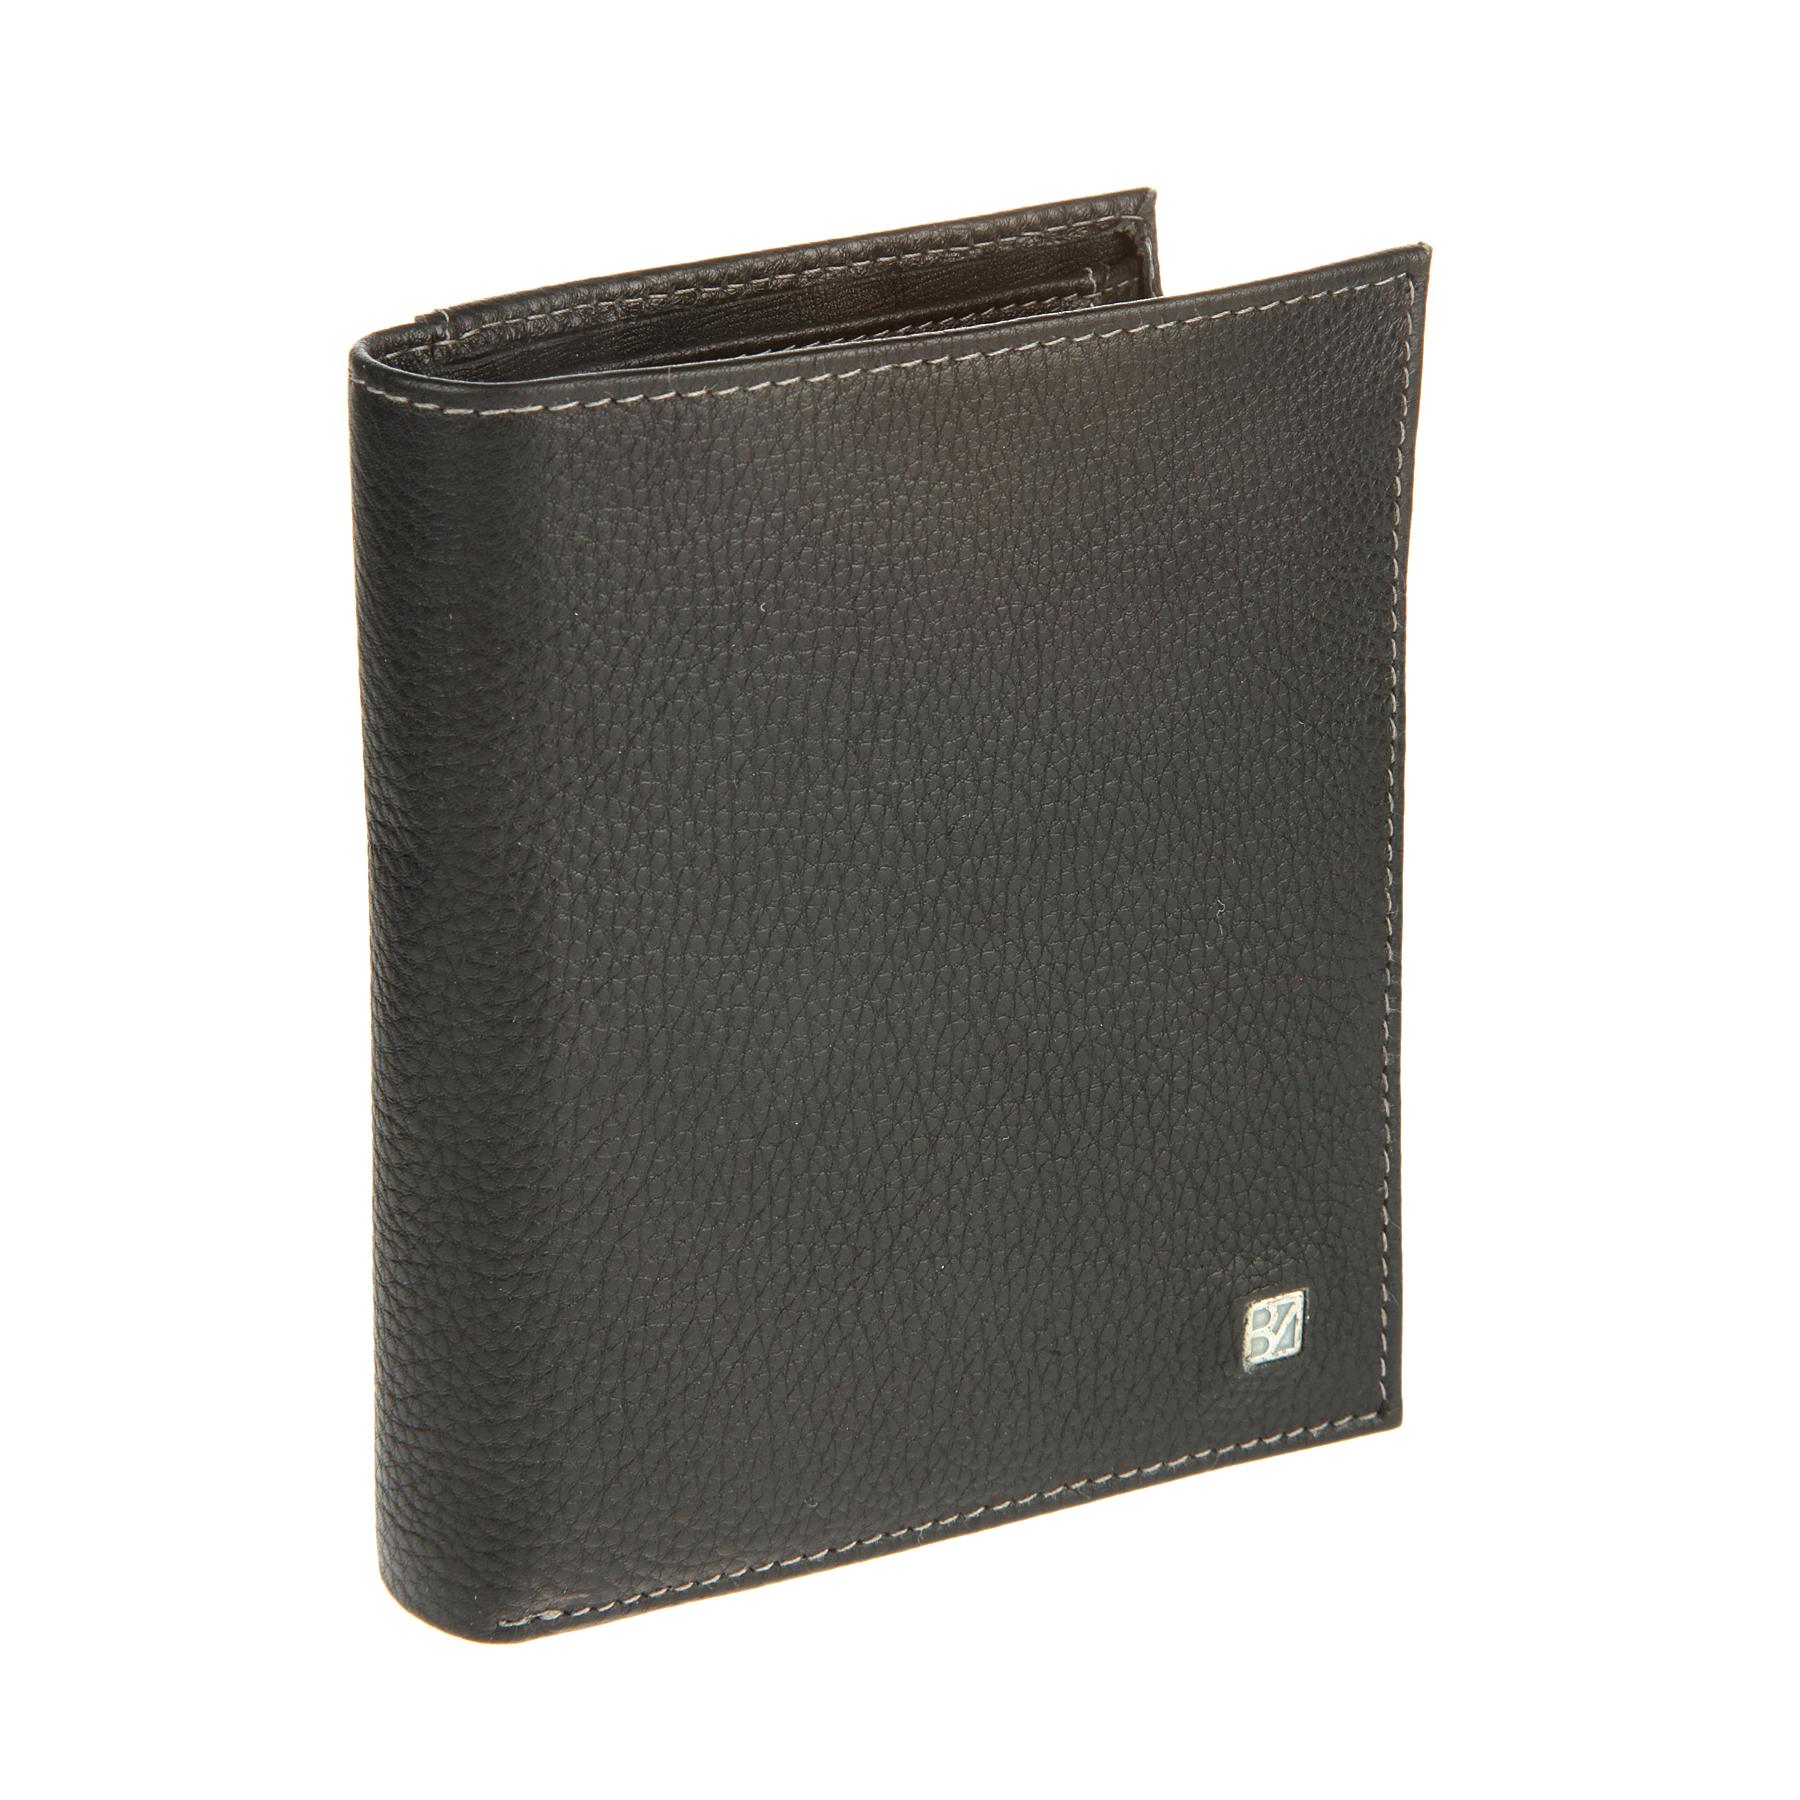 Портмоне мужское Bodenschatz, цвет: черный. 8-971 black8-971 blackРаскладывается пополам, внутри два отдела для купюр, два потайных кармана, четырнадцать кармашков для пластиковых карт, один сетчатый кармашек для пропуска, снаружи на задней стенке кармашек для документов.